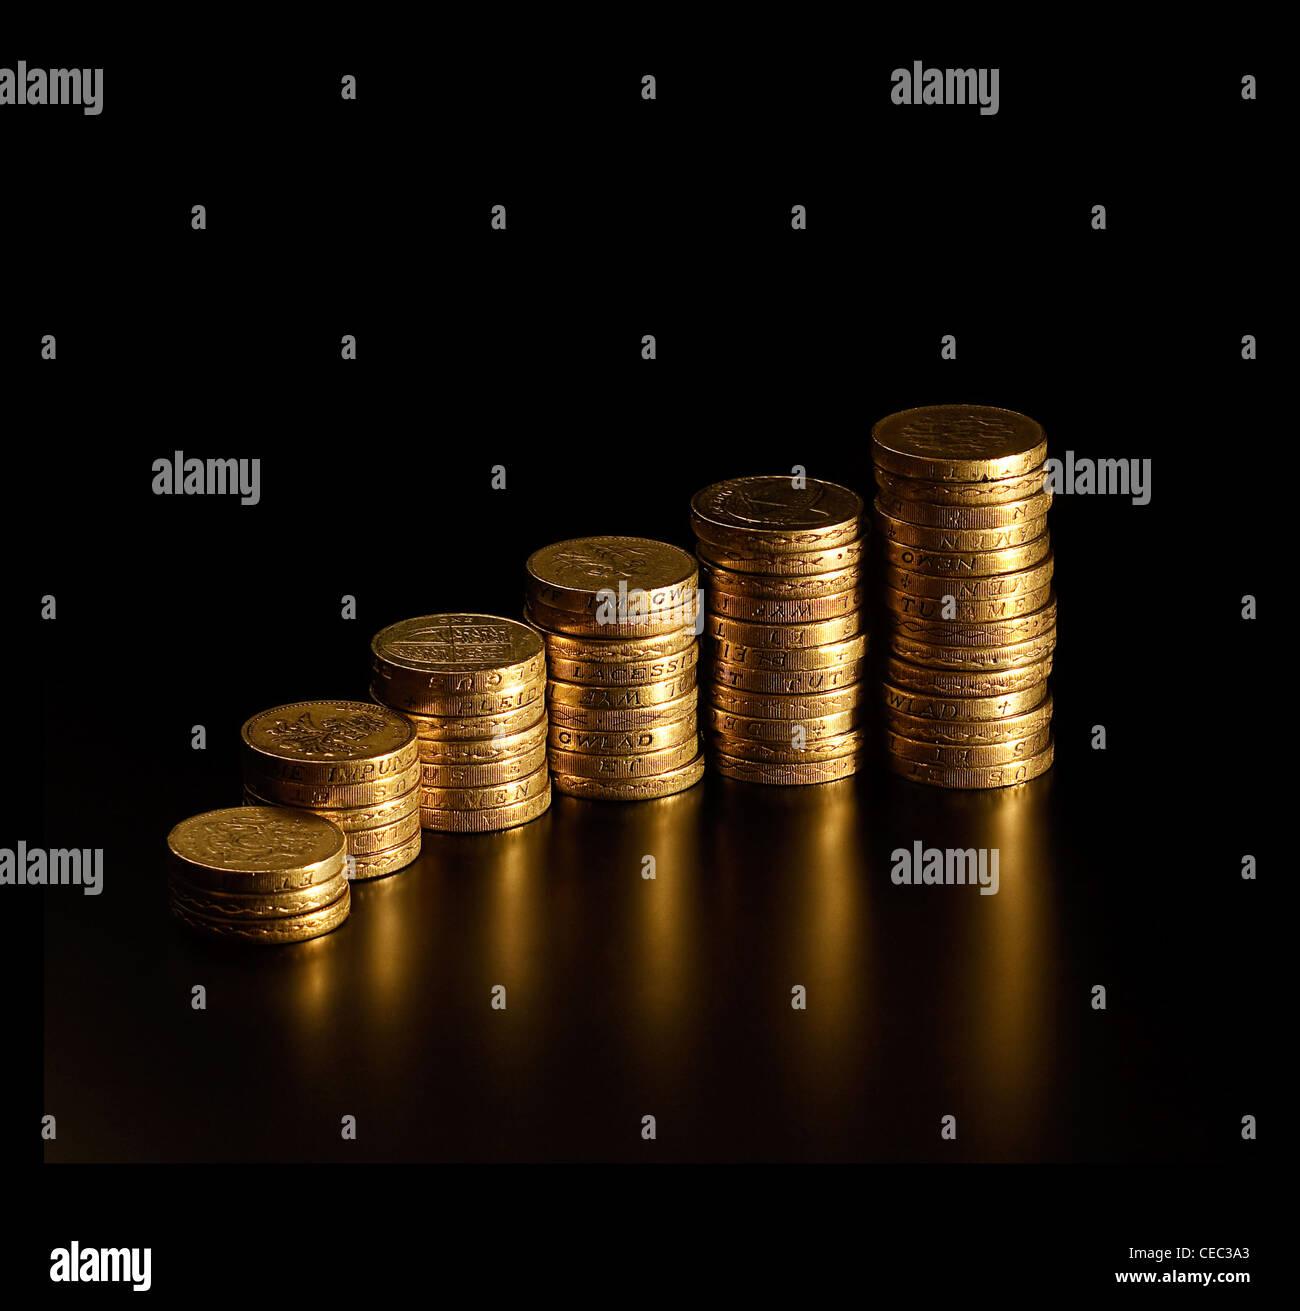 Immer höhere Berge von britischen Pfund-Münzen ähneln immer mehr Gewinn graph Stockbild